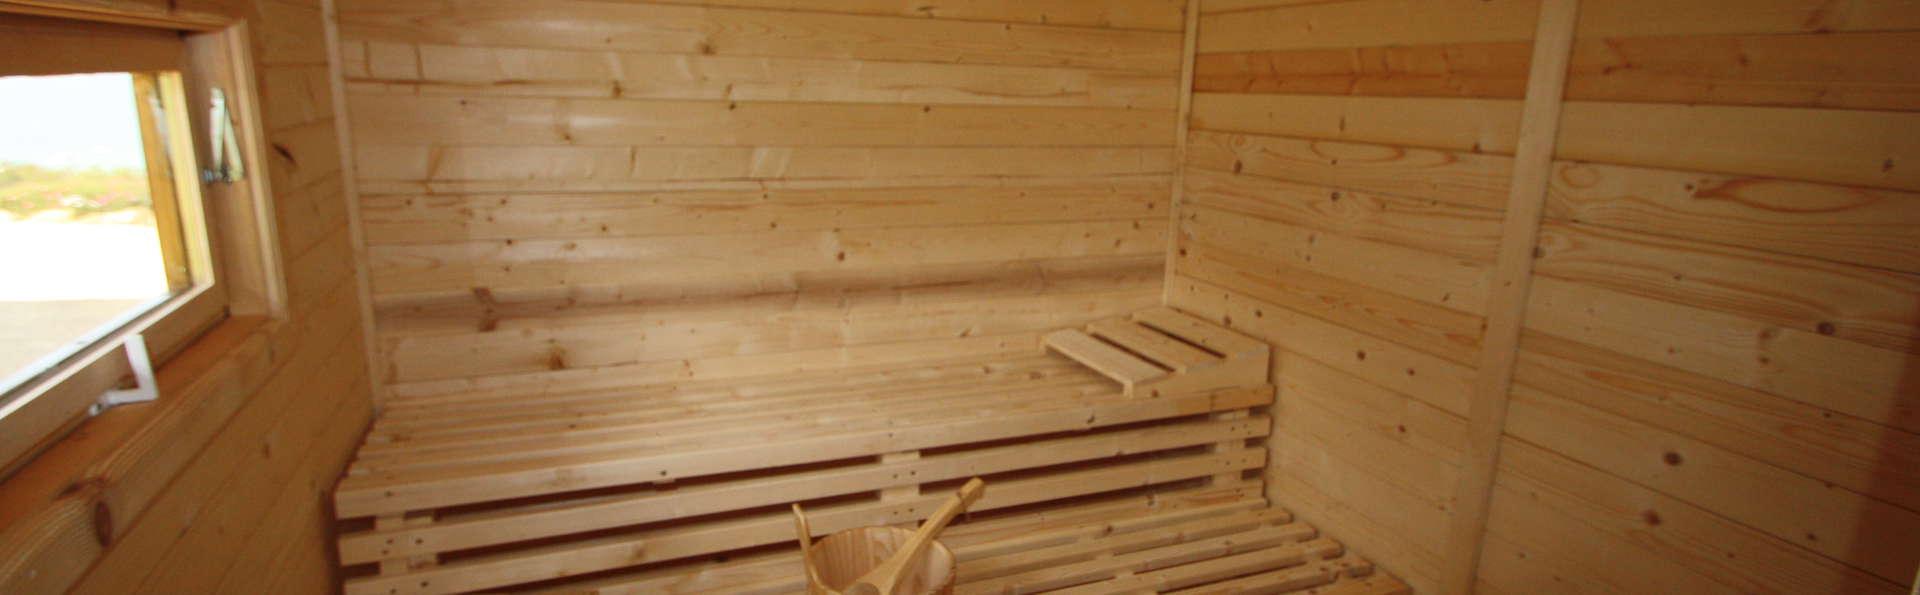 Week end avec d ner tr l vern avec 1 acc s au sauna pour 2 adultes partir d - Sauna finlandais paris ...